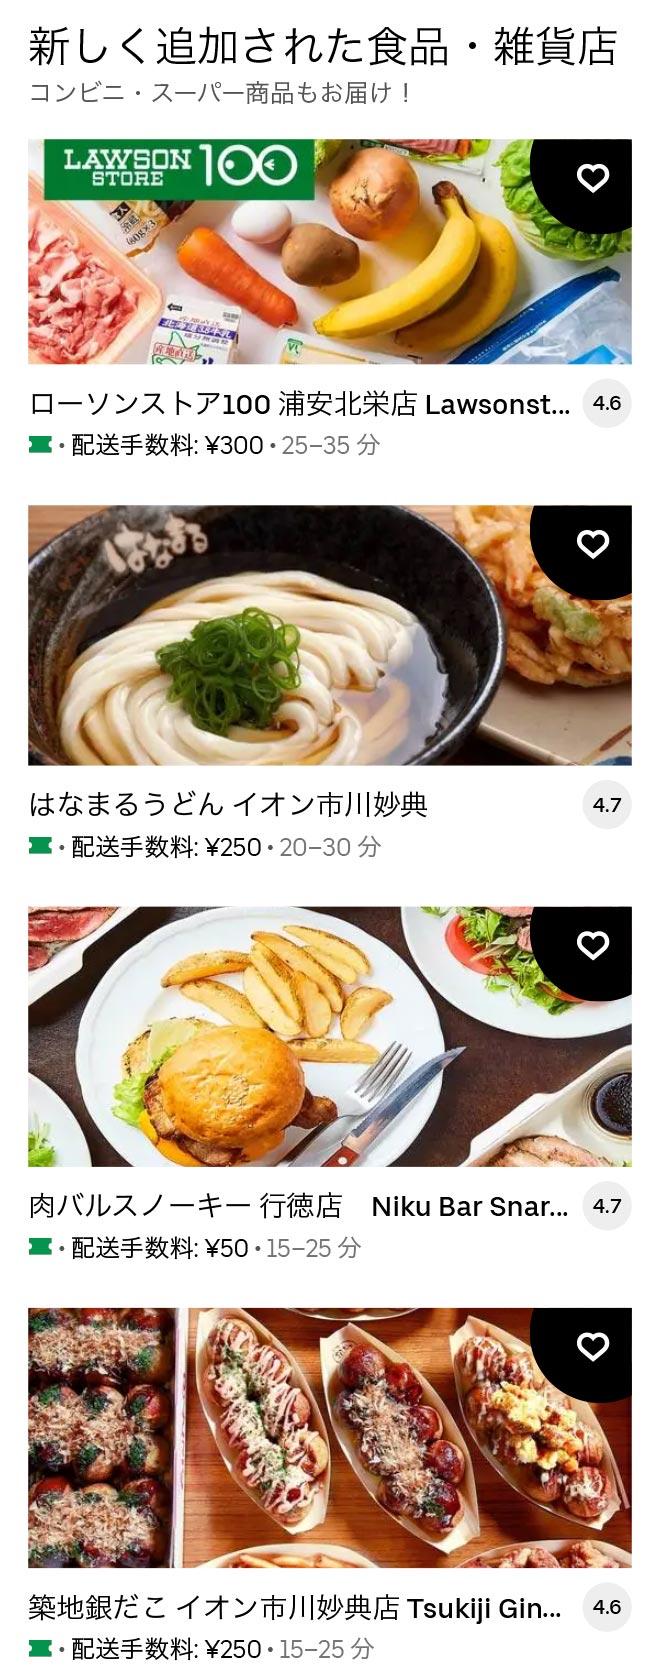 U gyotoku 2105 12